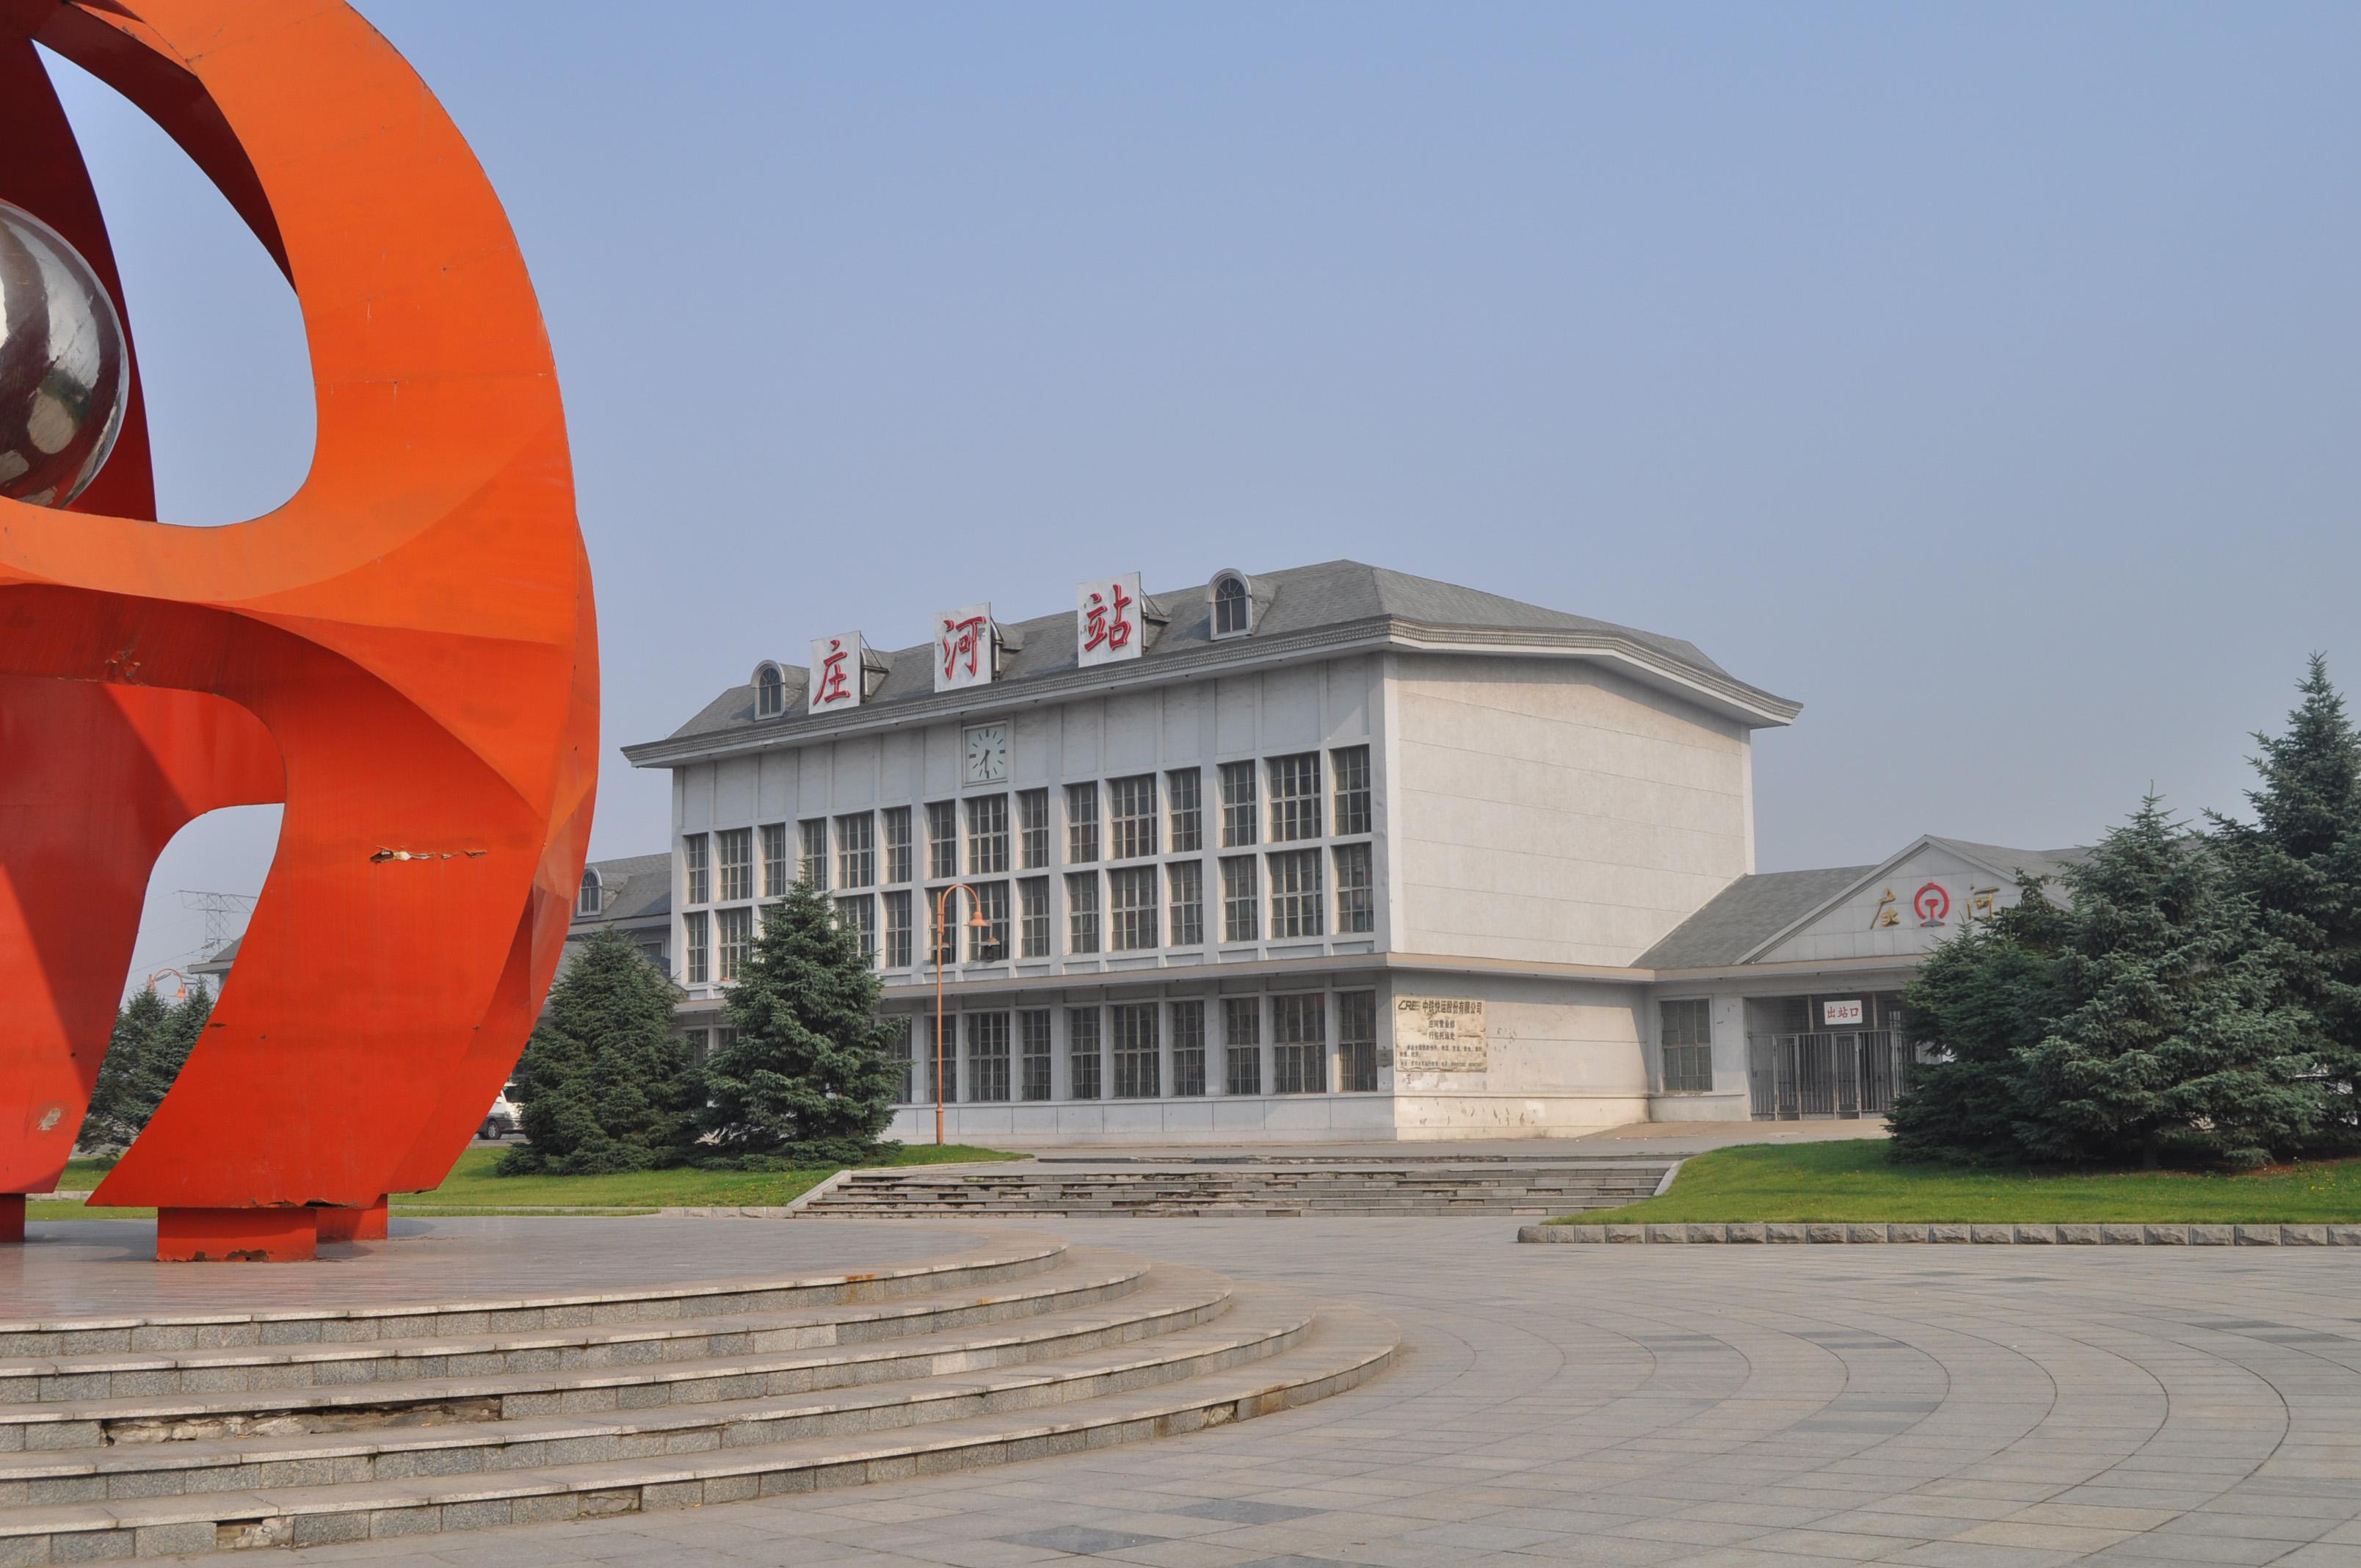 zhuanghe railway station, china.jpg